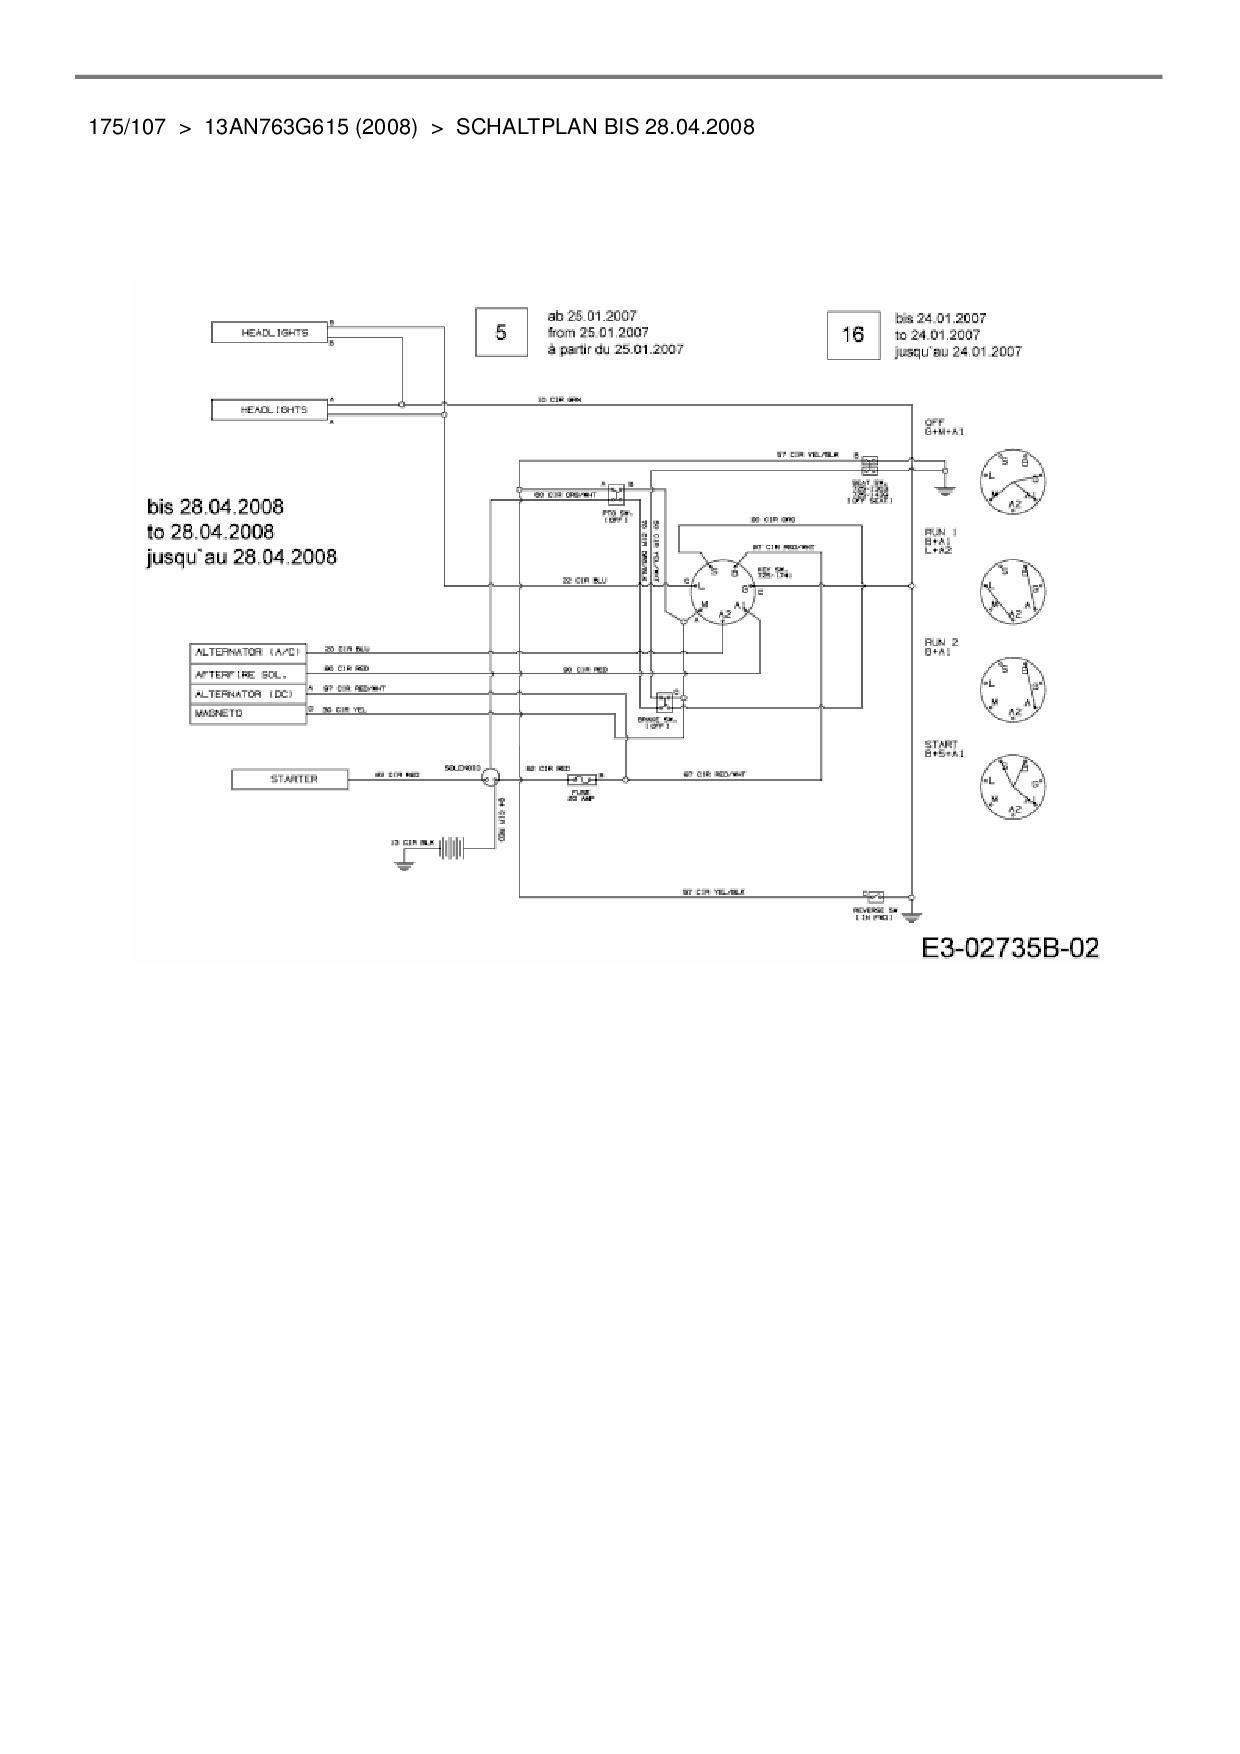 Wunderbar Rasentraktoren Schaltplan Für Electrolux Galerie ...